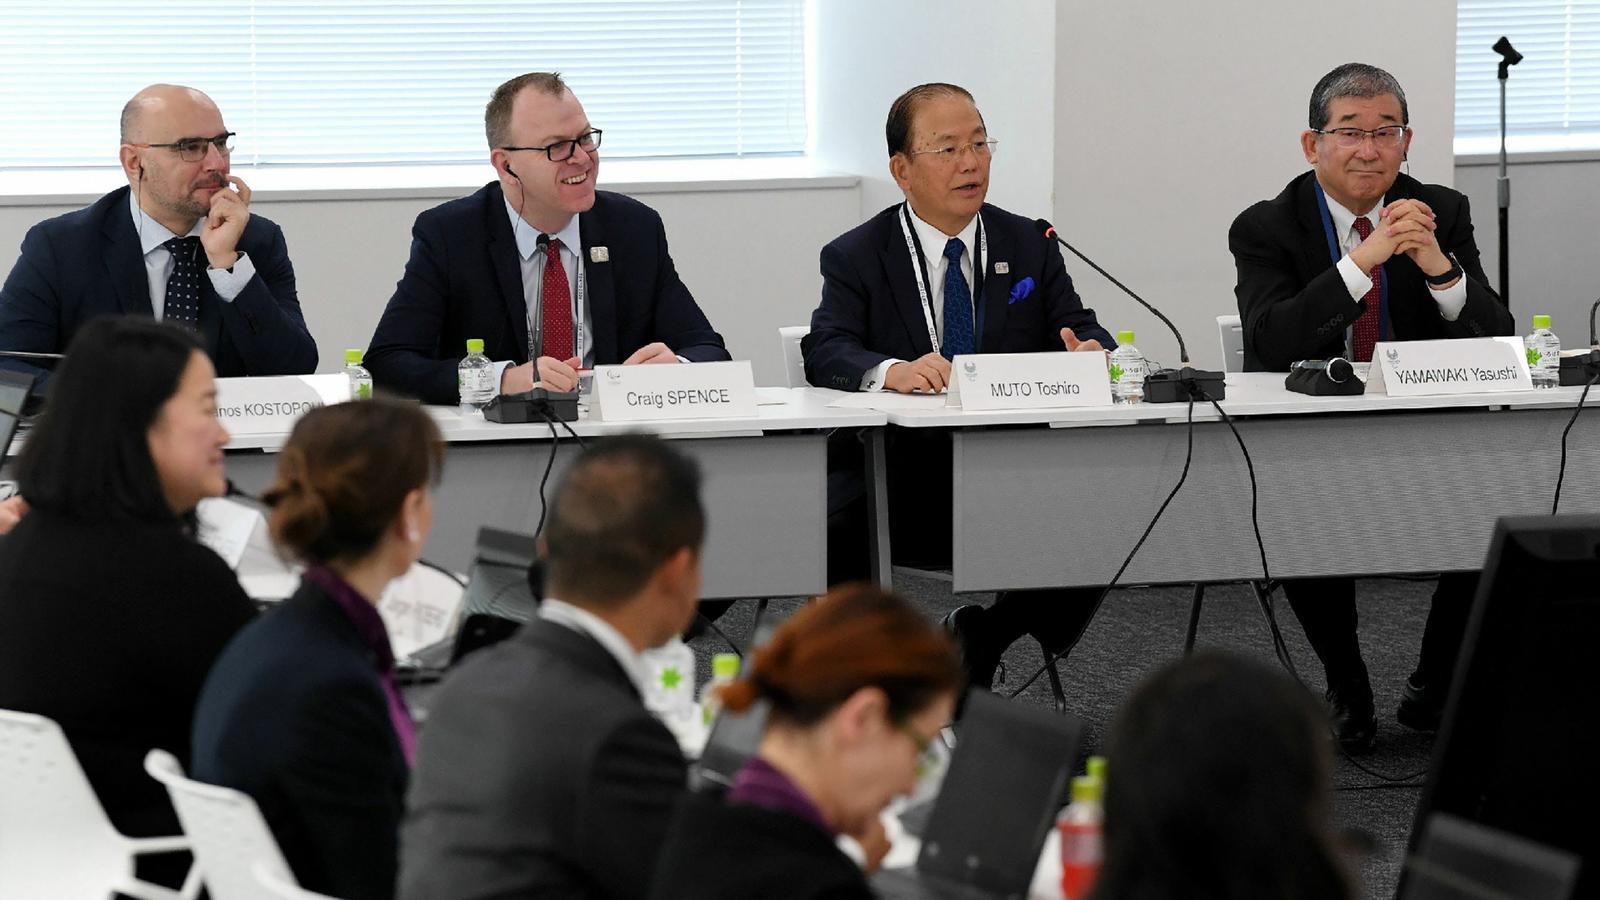 Imatge d'una reunó del comitè organitzadors dels Jocs Olímpics de Tòquio 2020